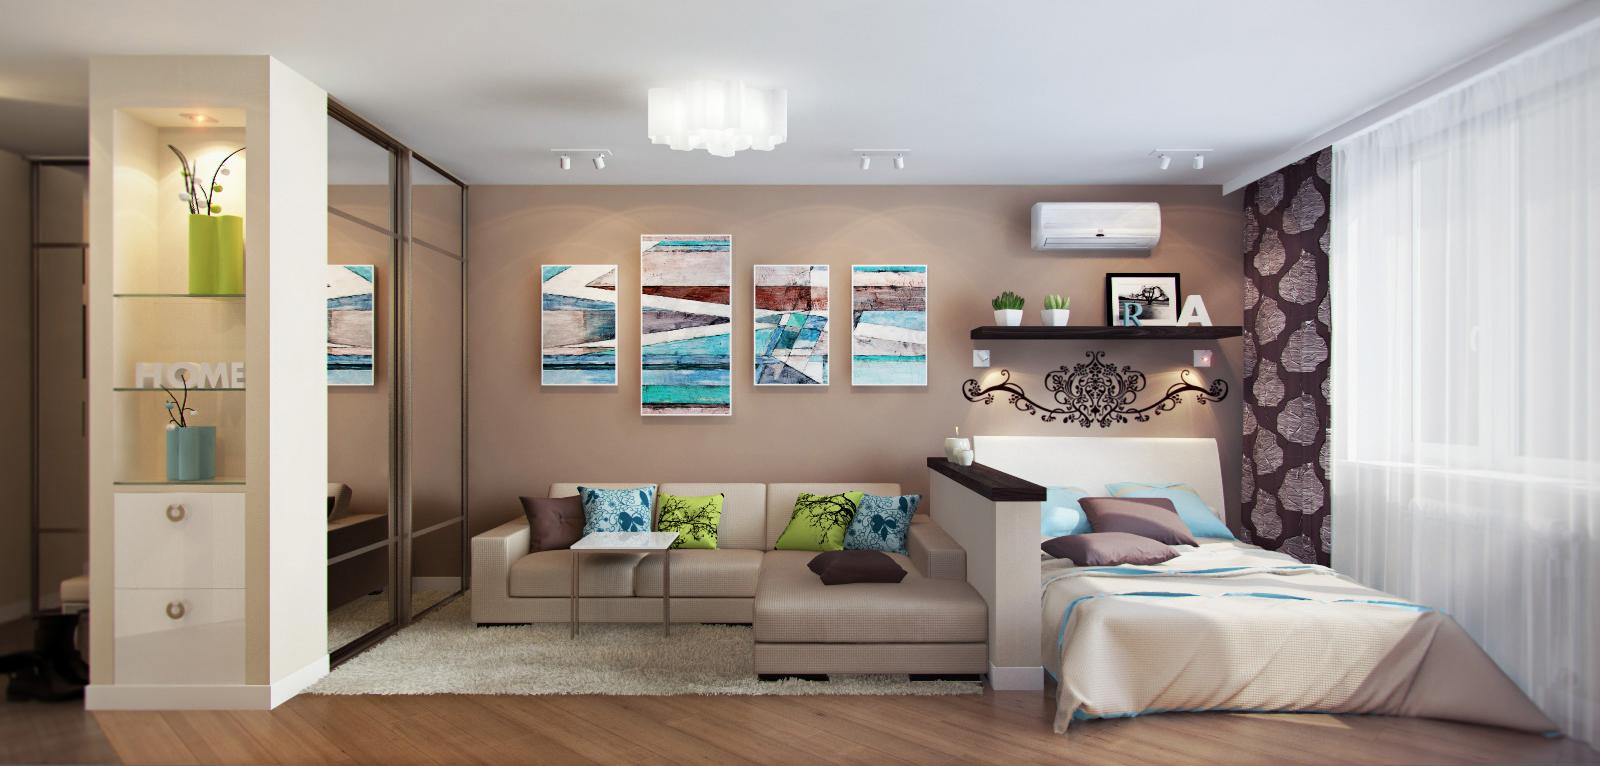 Дизайн комнаты на зоны спальню и гостиную